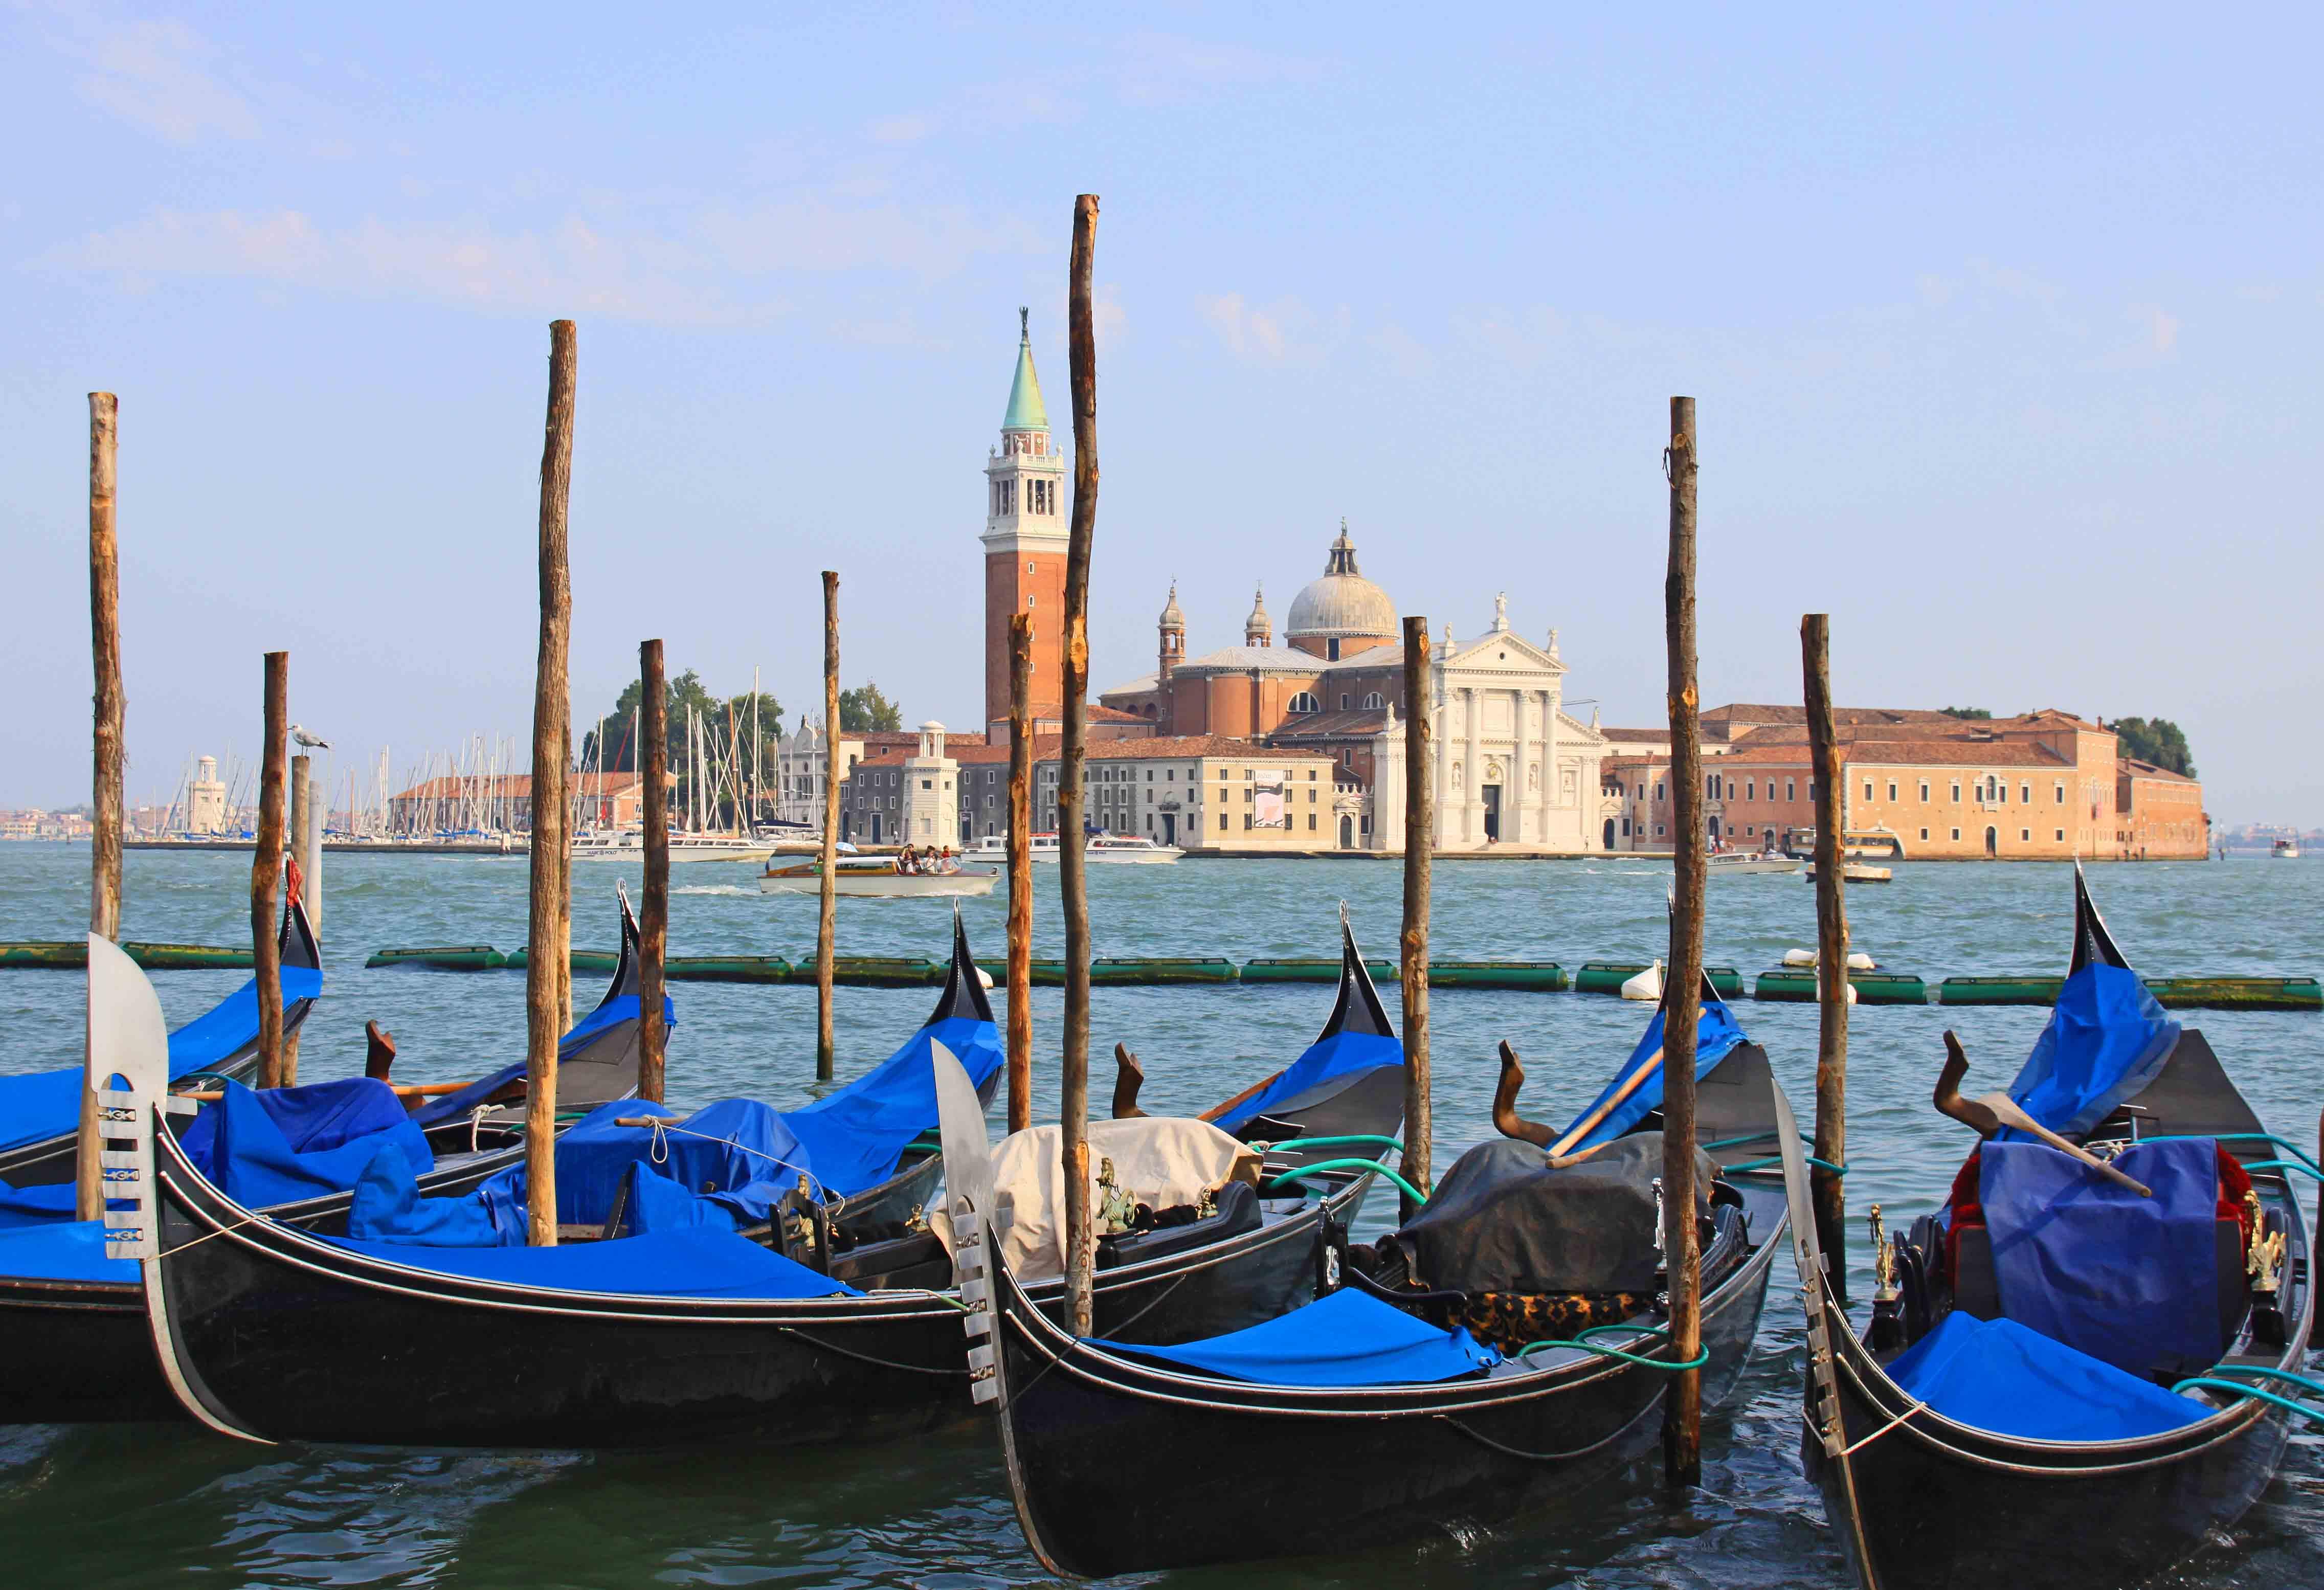 Gondolas Along the Canal - Venice, Italy